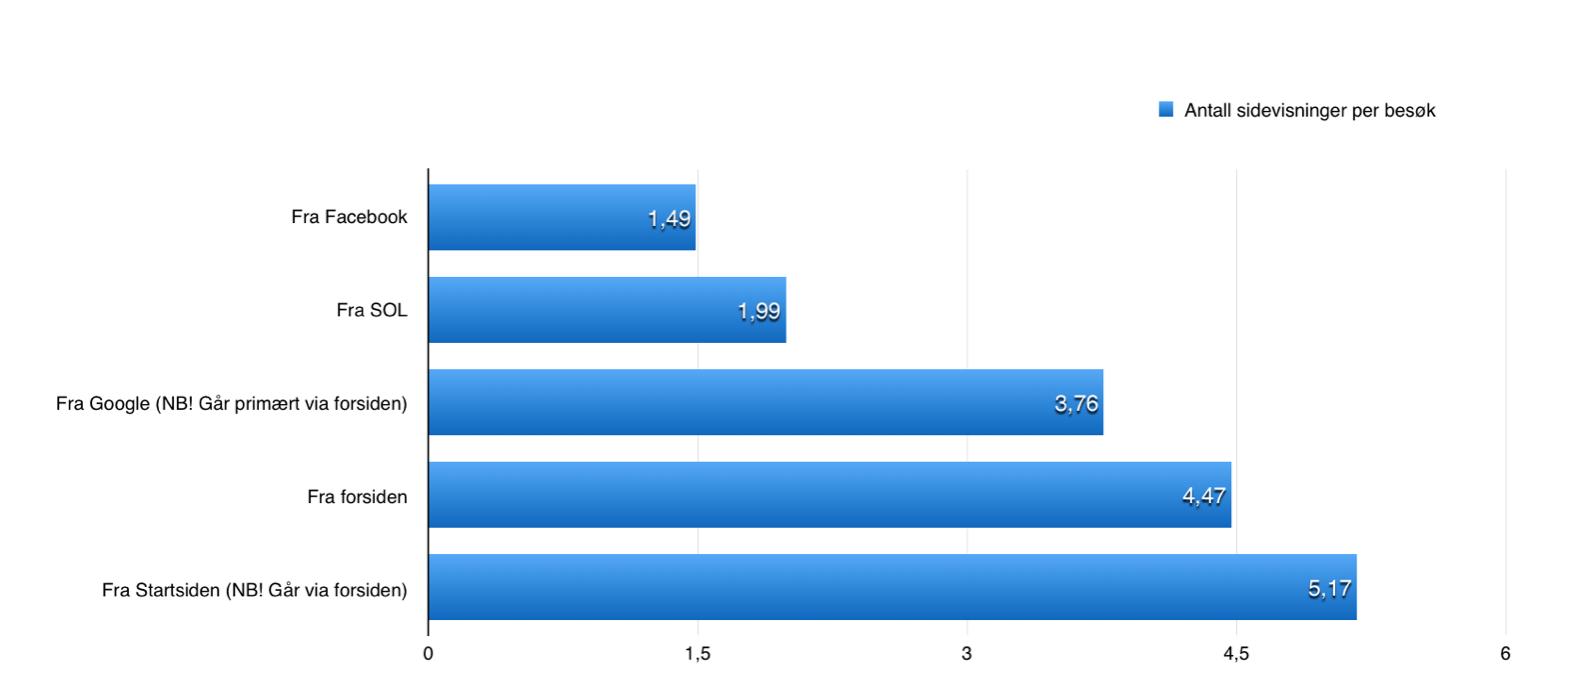 Antall sidevisninger per besøk fordelt på trafikkilder, Amedias aviser, gjennomsnittstall september-desember 2014 (kilde: Amedia)